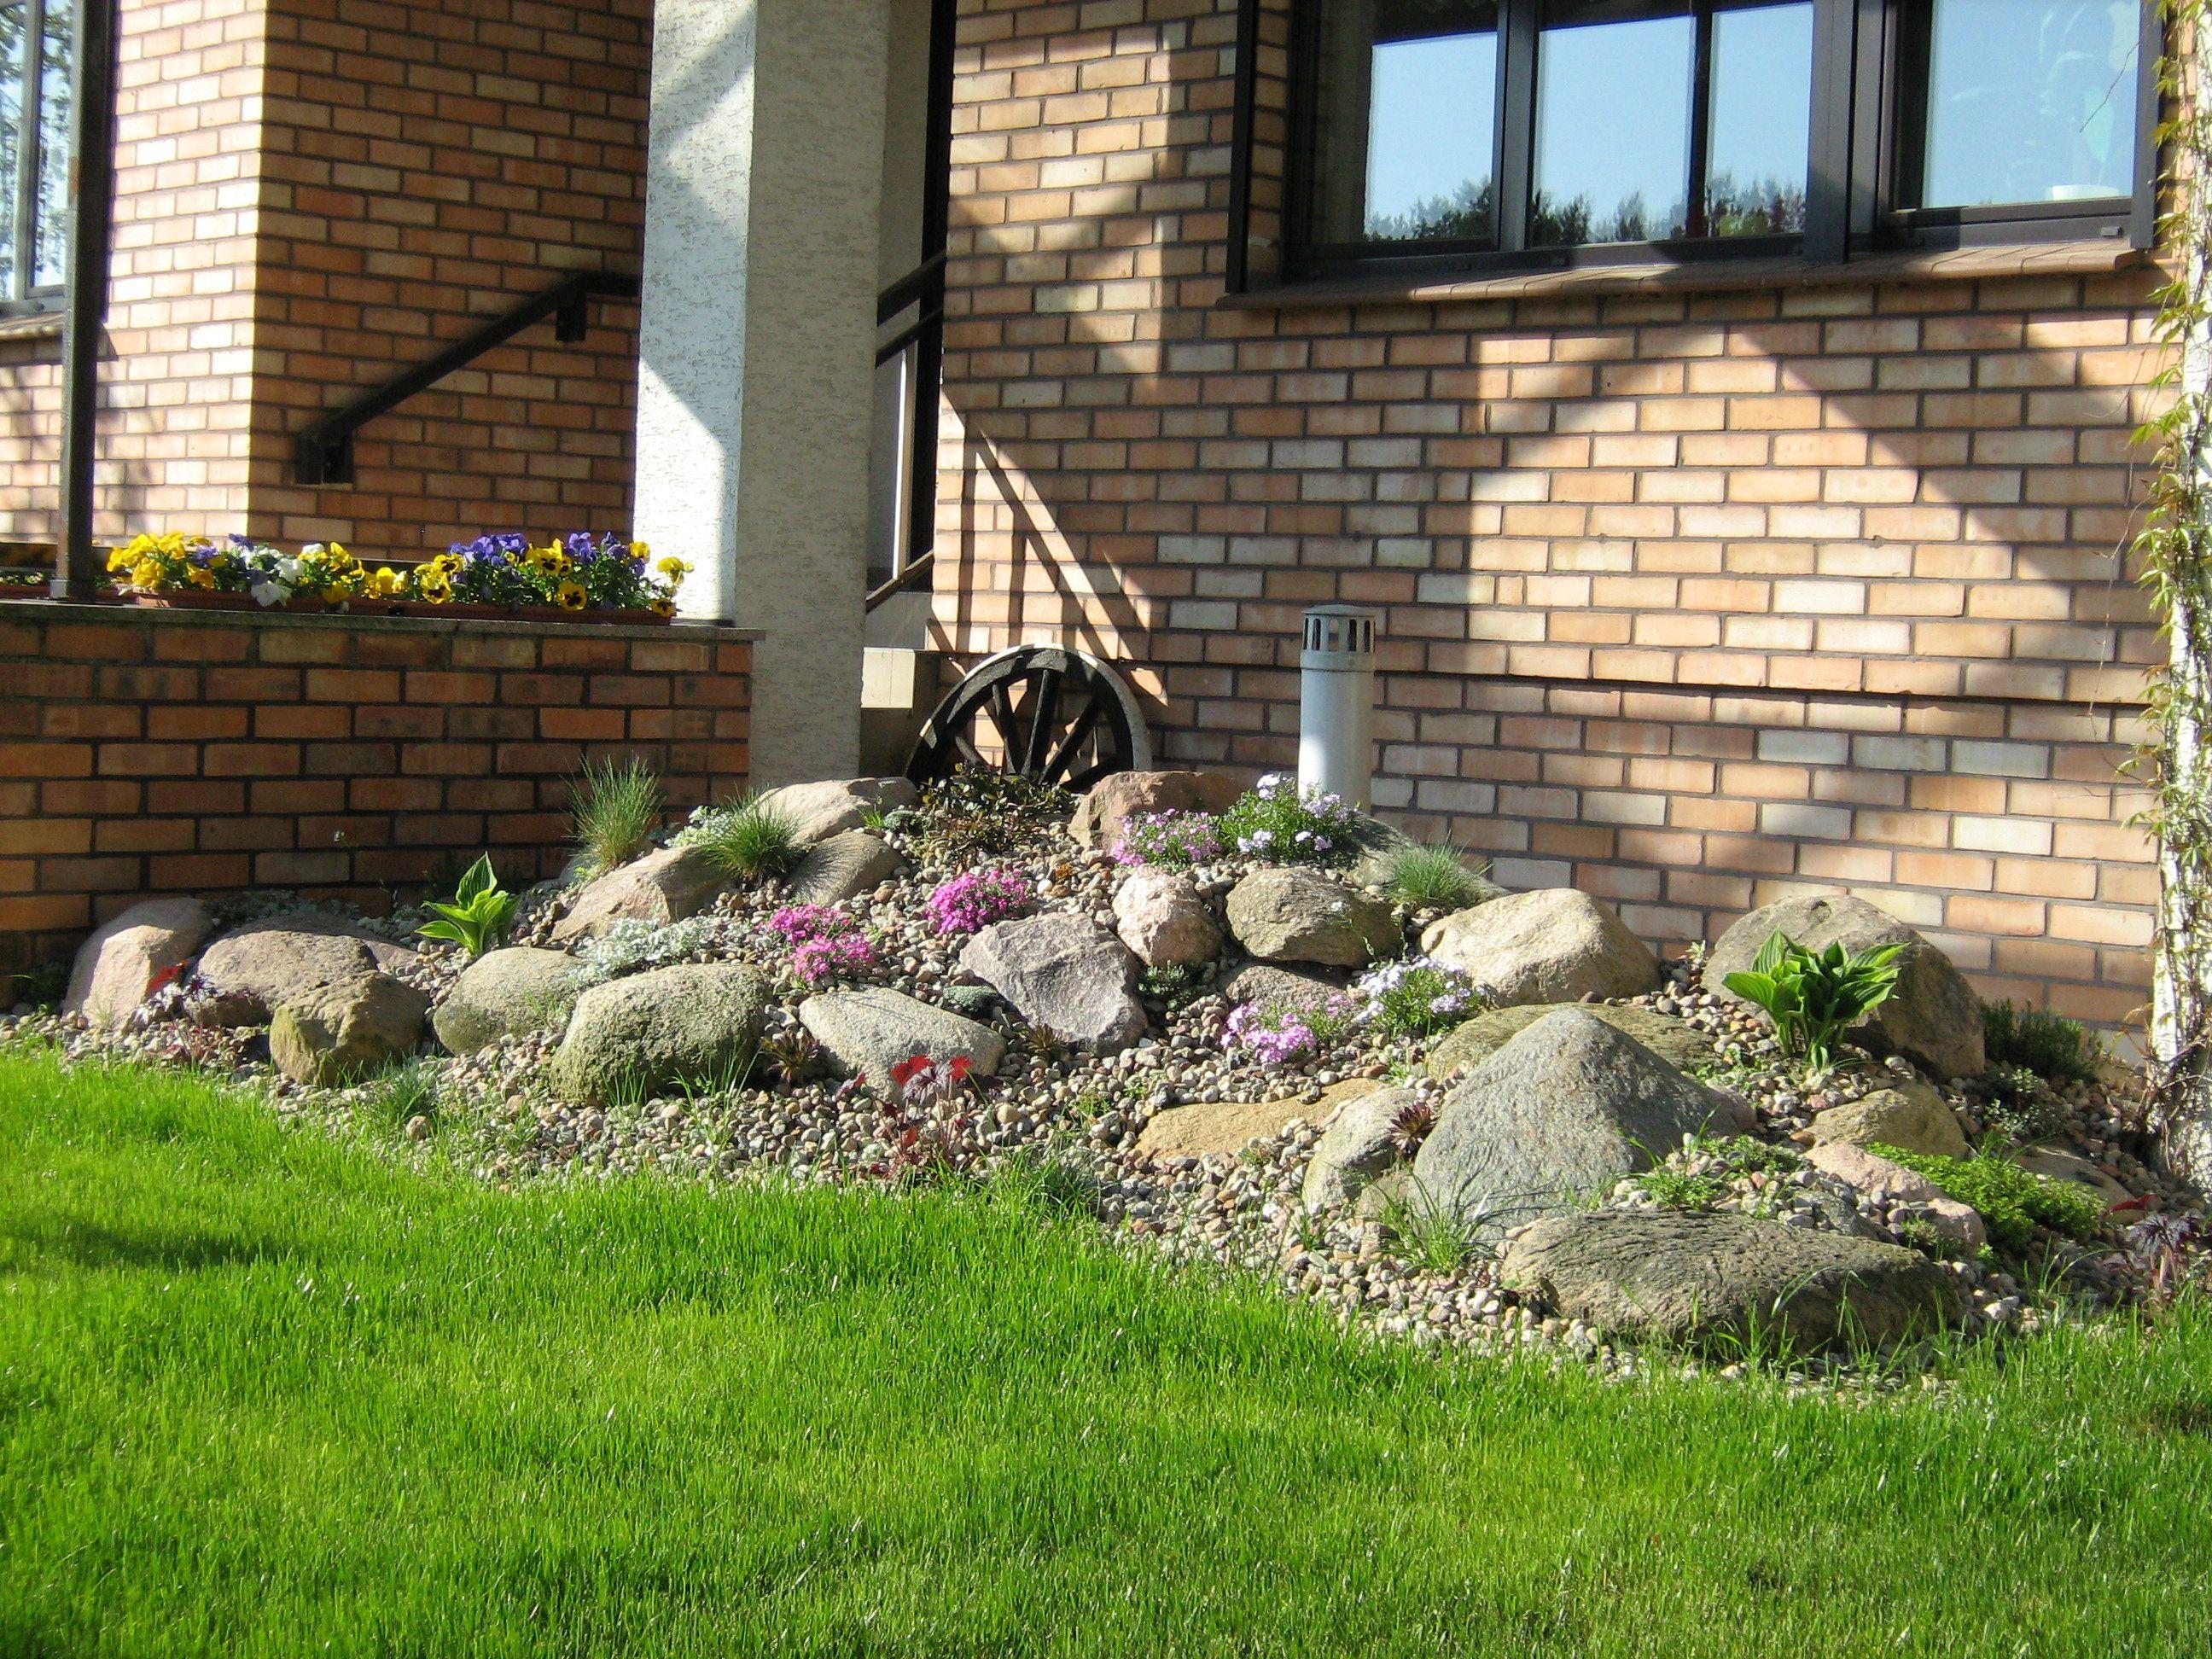 ogrody przydomowe skalniaki pictures - photo #14